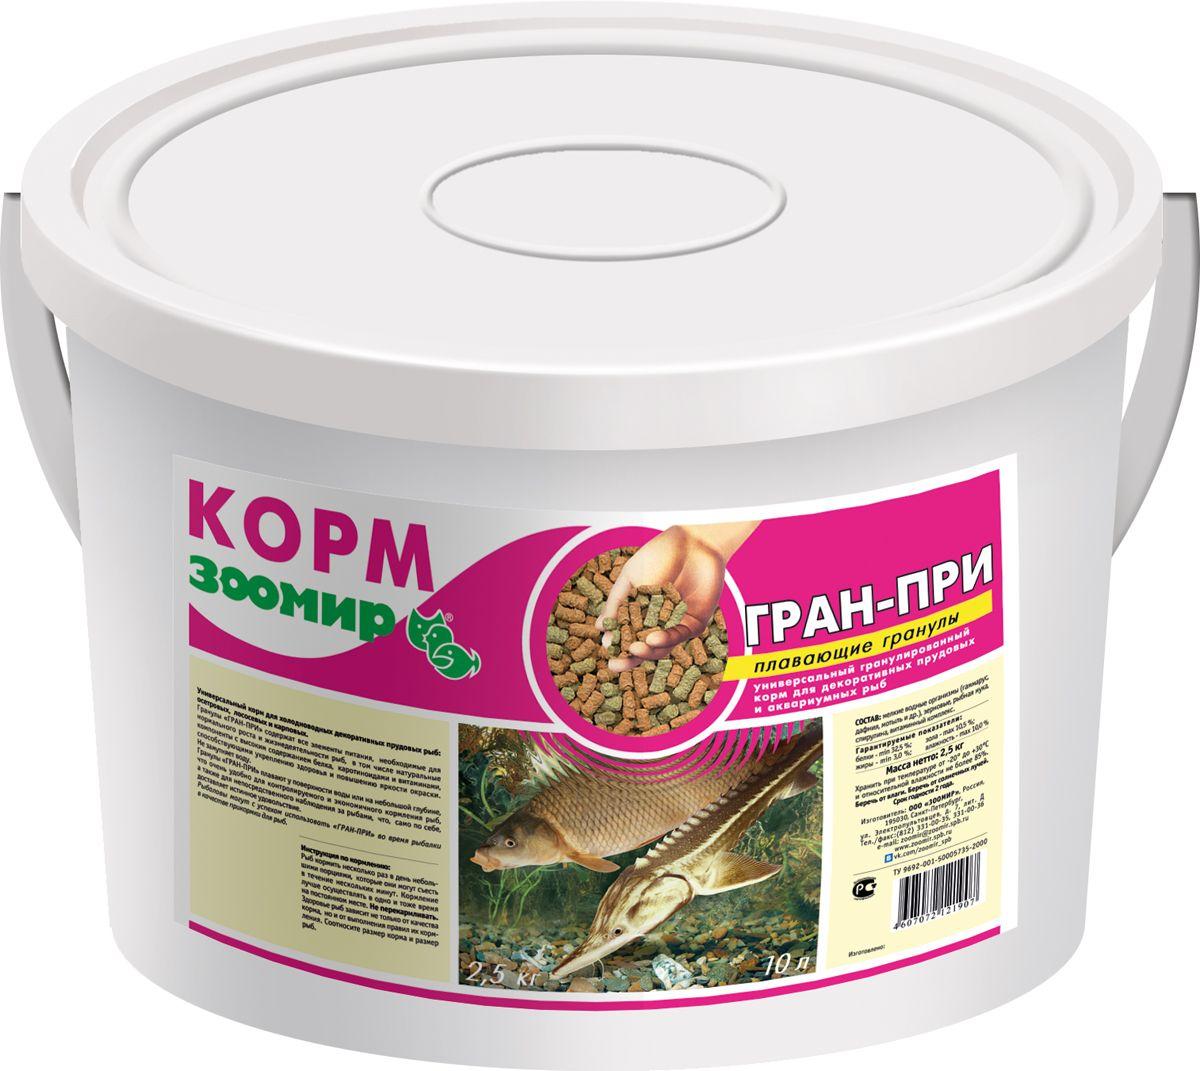 Корм для прудовых рыб Зоомир Гран-При плавающие гранулы, ведро 10 л484Универсальный корм для холодноводных декоративных прудовых рыб: осетровых, лососевых и карповых. Гранулы ГРАН-ПРИ содержат все элементы питания, необходимые для нормального роста и жизнедеятельности рыб, в том числе, натуральные компоненты с высоким содержанием белка, каротиноиды и витамины, способствующие укреплению здоровья и повышению яркости окраски. Не замутняет воду. Гранулы ГРАН-ПРИ плавают у поверхности воды или на небольшой глубине, что очень удобно для контролируемого и экономичного кормления, а также для непосредственного наблюдения за рыбами, что само по себе доставляет истинное удовольствие. Рыболовы могут с успехом использовать ГРАН-ПРИ во время рыбалки в качестве прикормки для рыб. Состав: мелкие водные организмы (гаммарус, дафния, мотыль и др.), зерновые, рыбная мука. спирулина, витаминный комплекс.